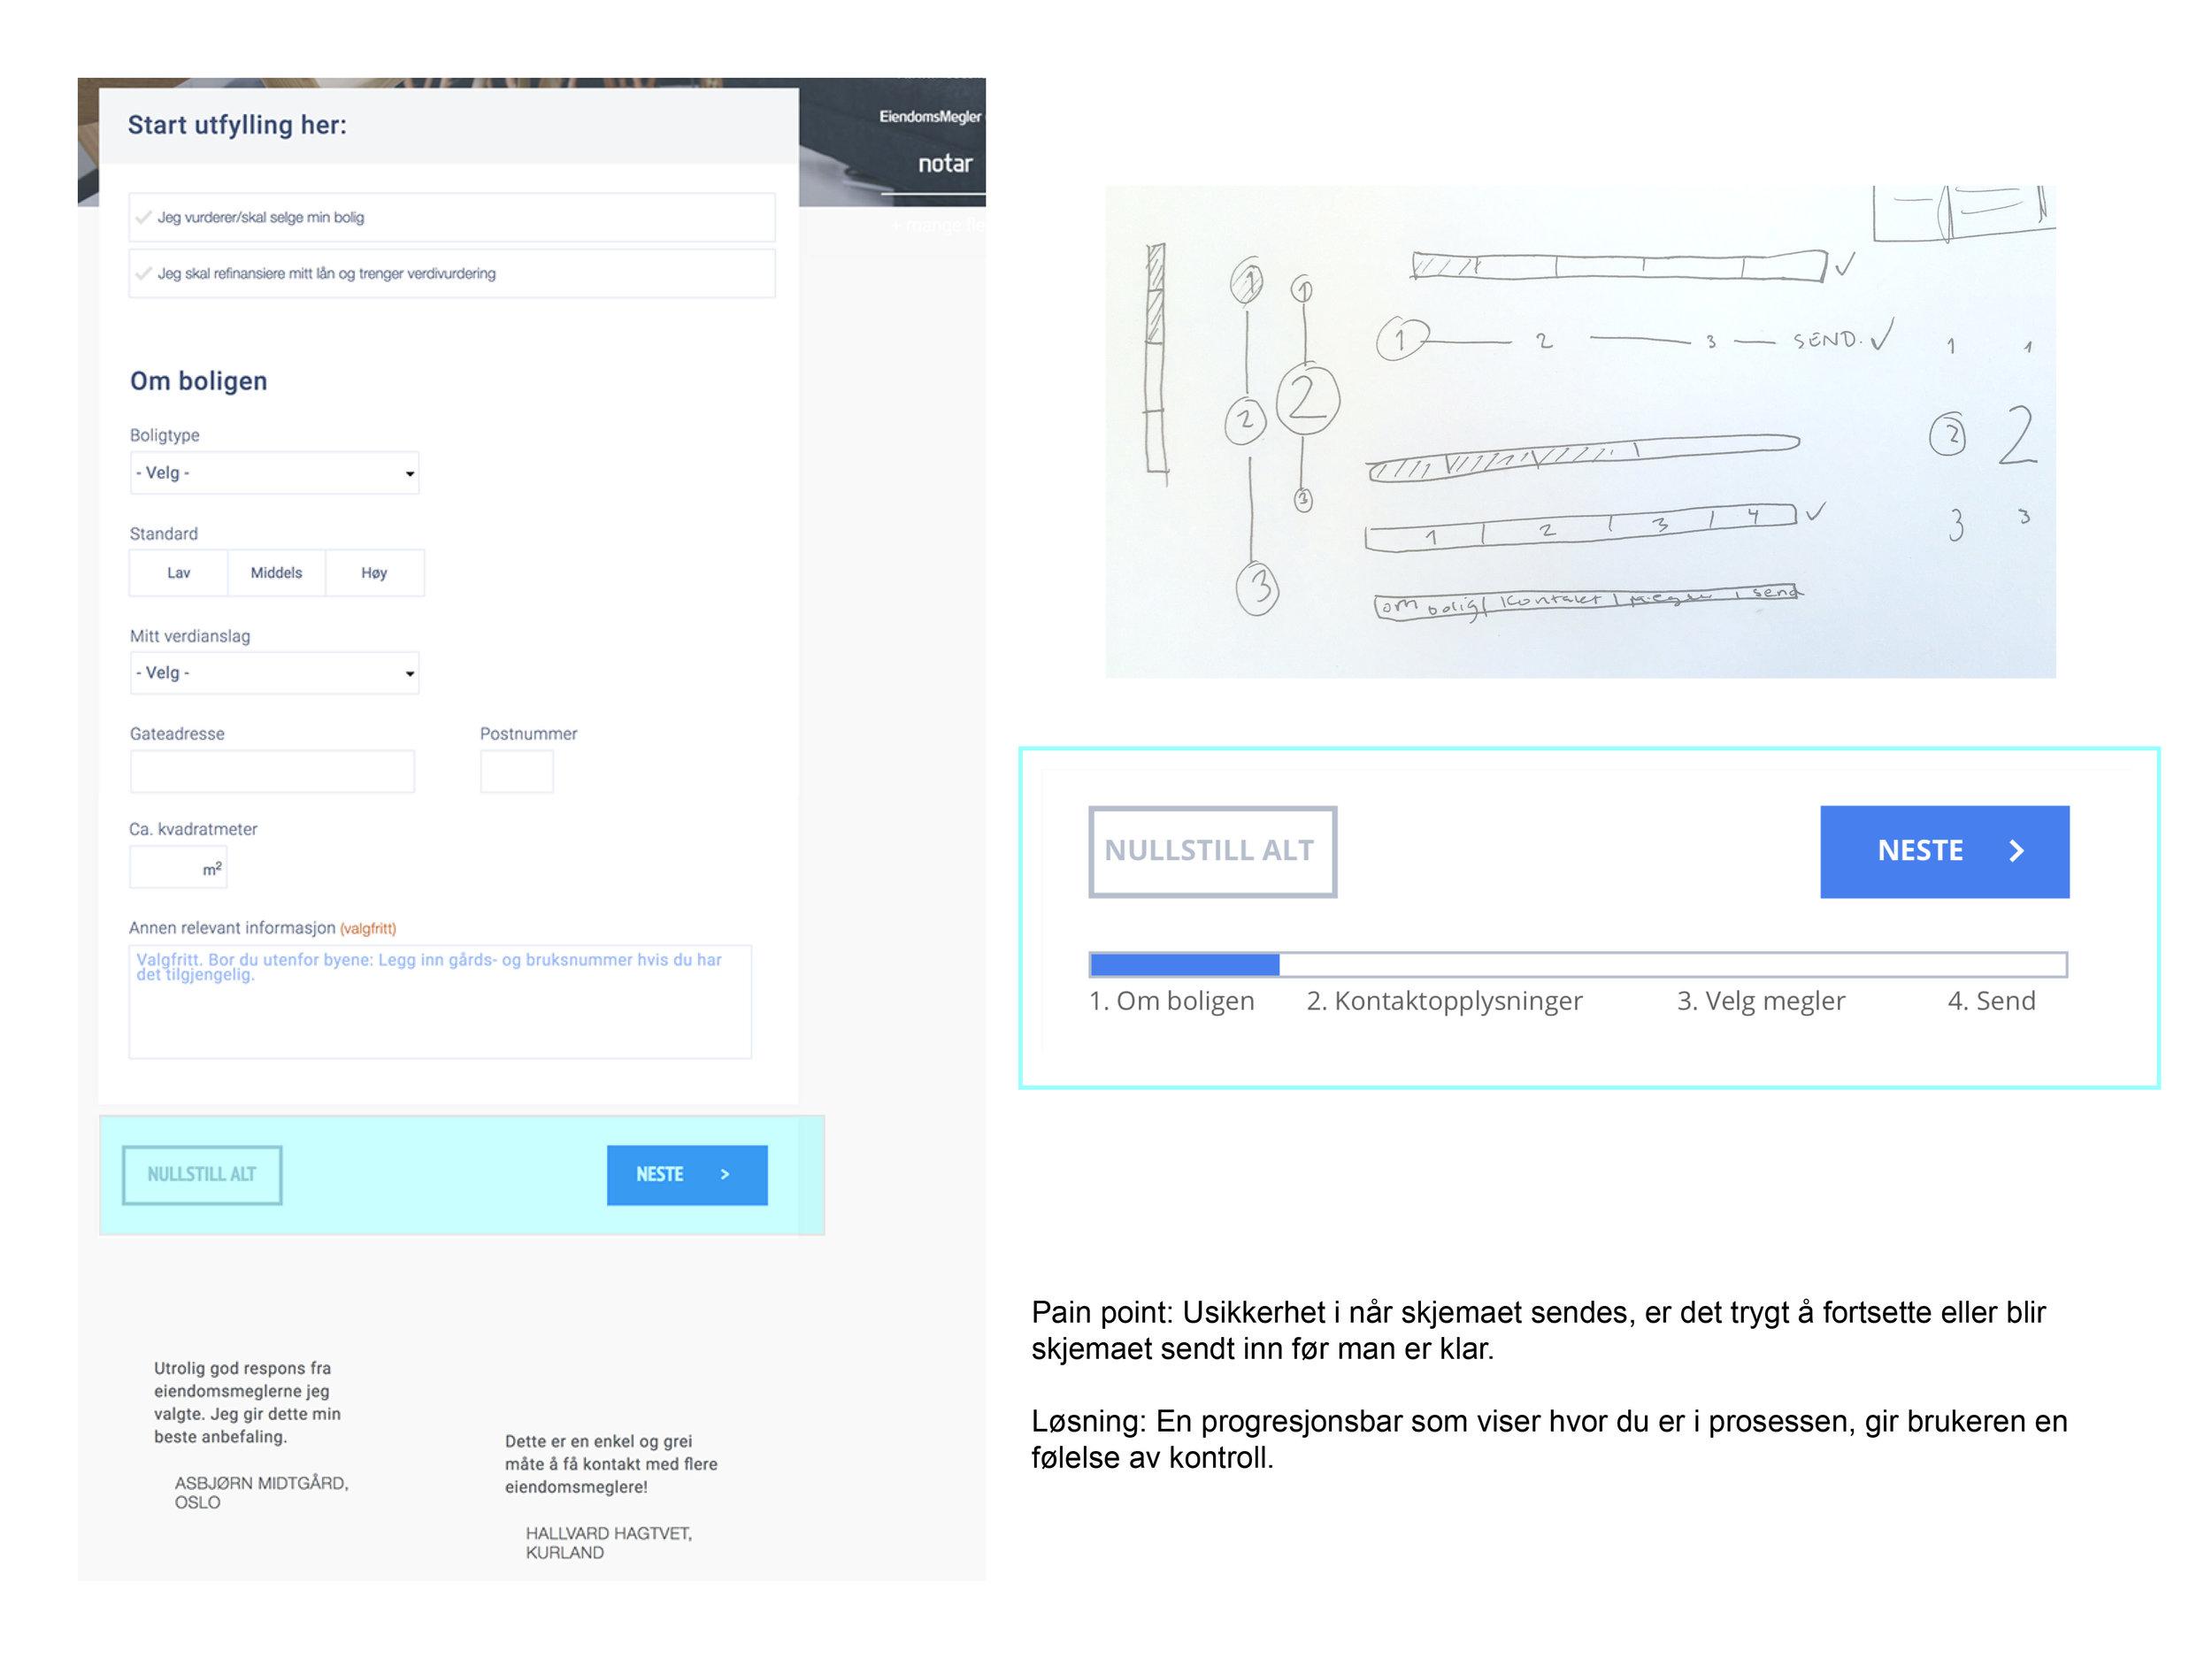 tjenestetorget oppgave presentasjon copy40.jpg